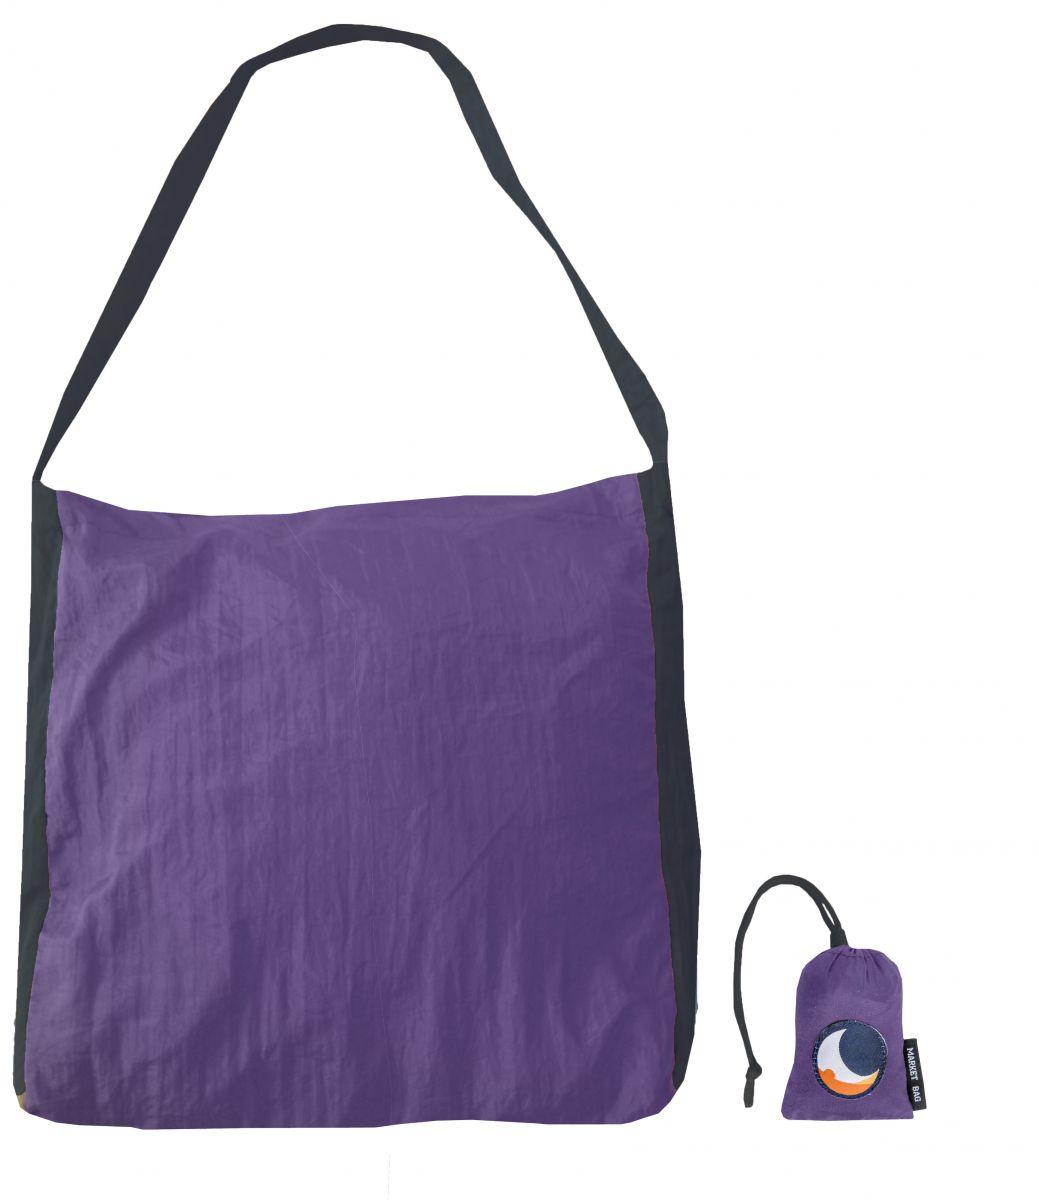 Τσάντα Μεγάλη Purple/navy